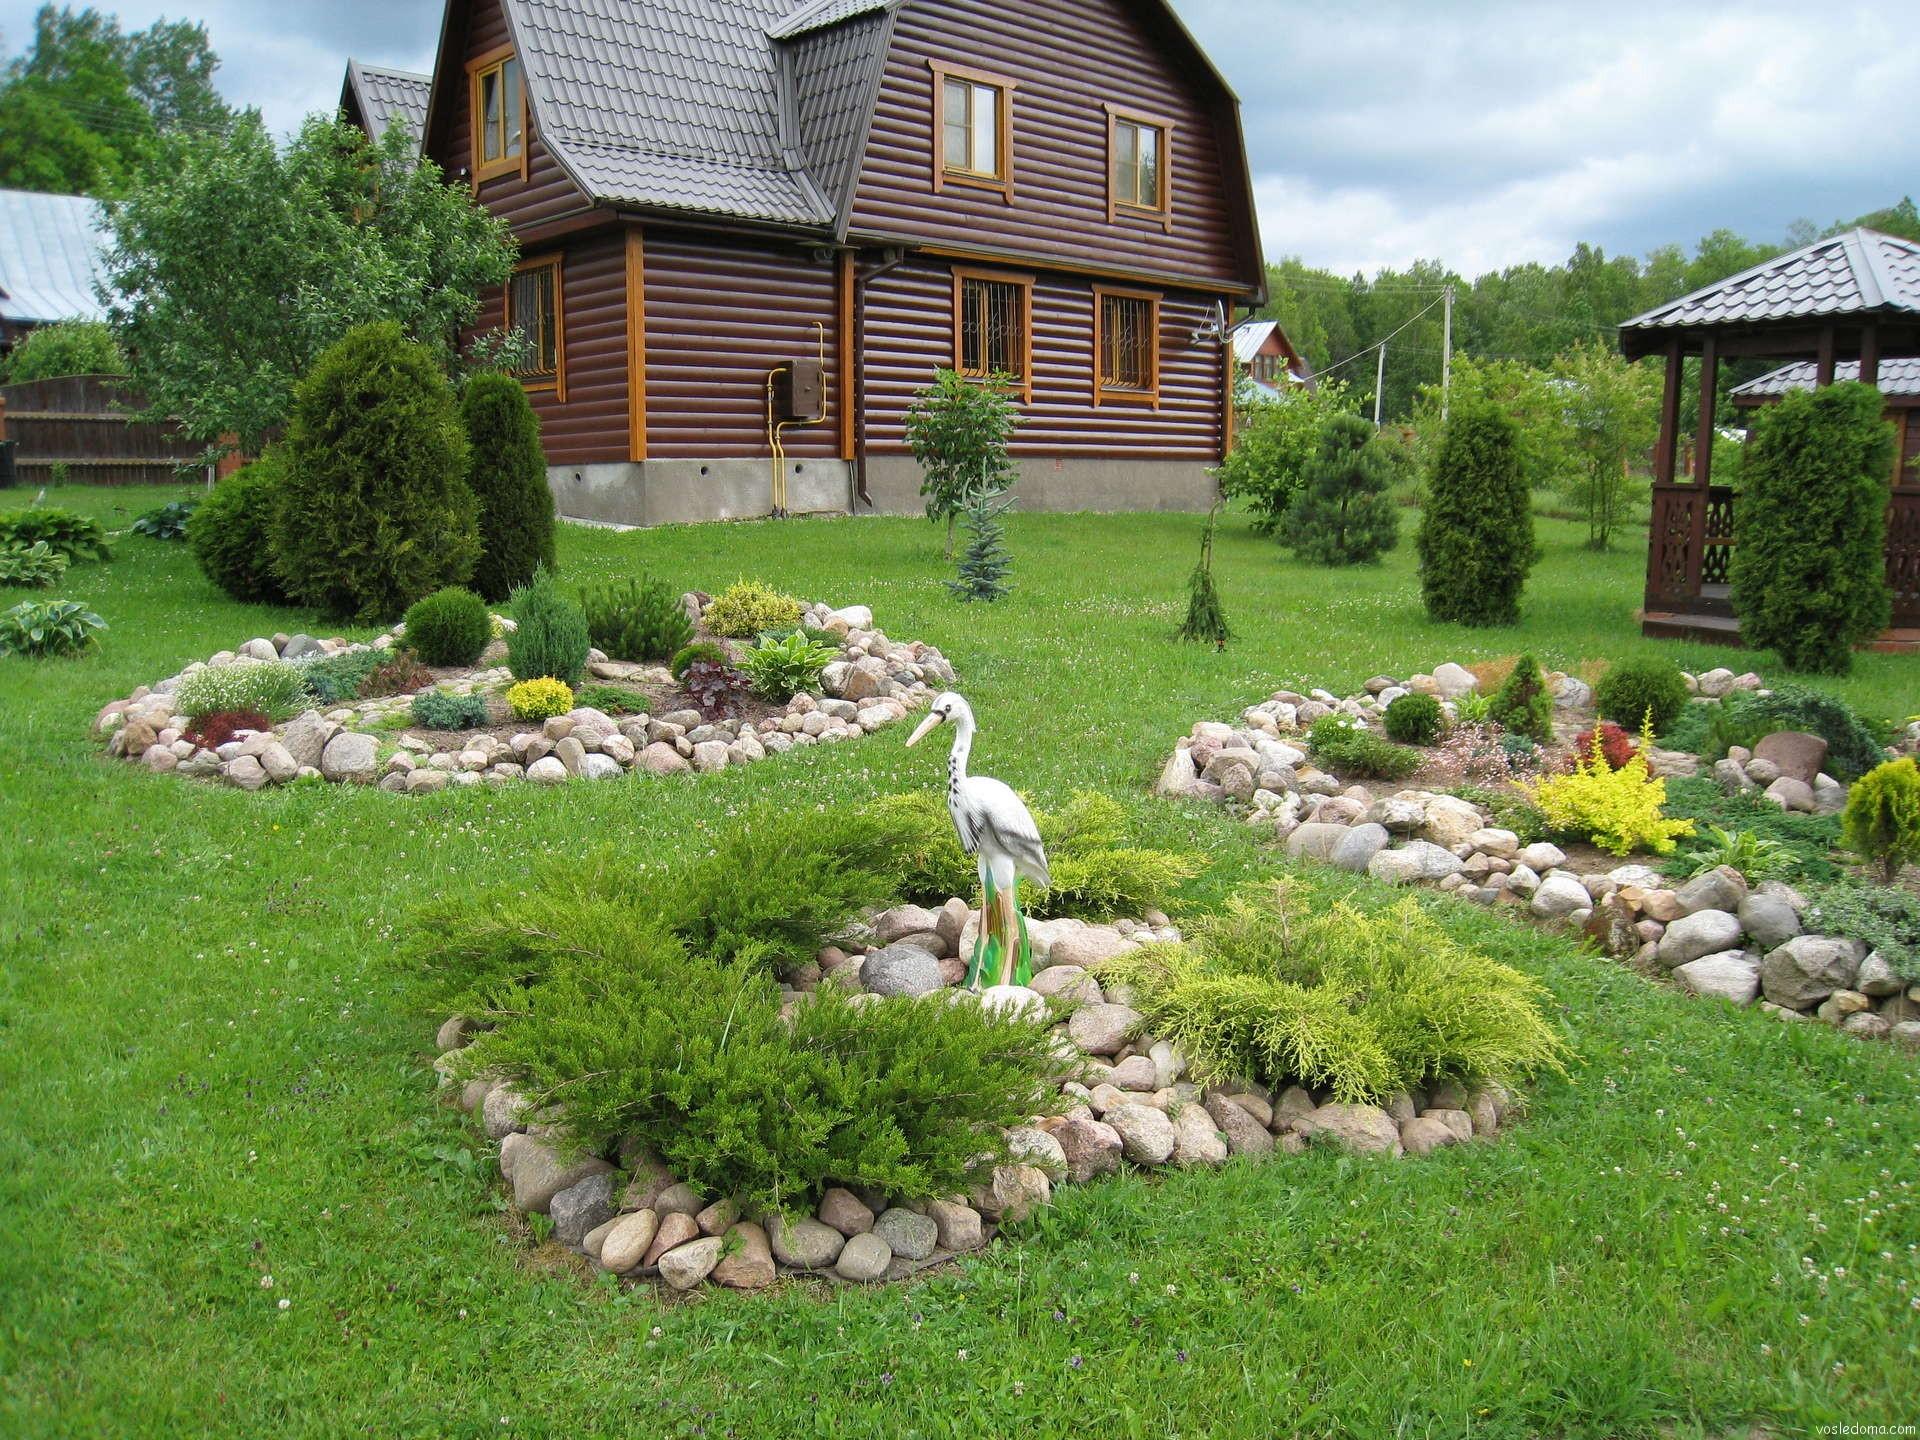 Идеи для сада своими руками ТОП 10 поделок (50 фото) 28